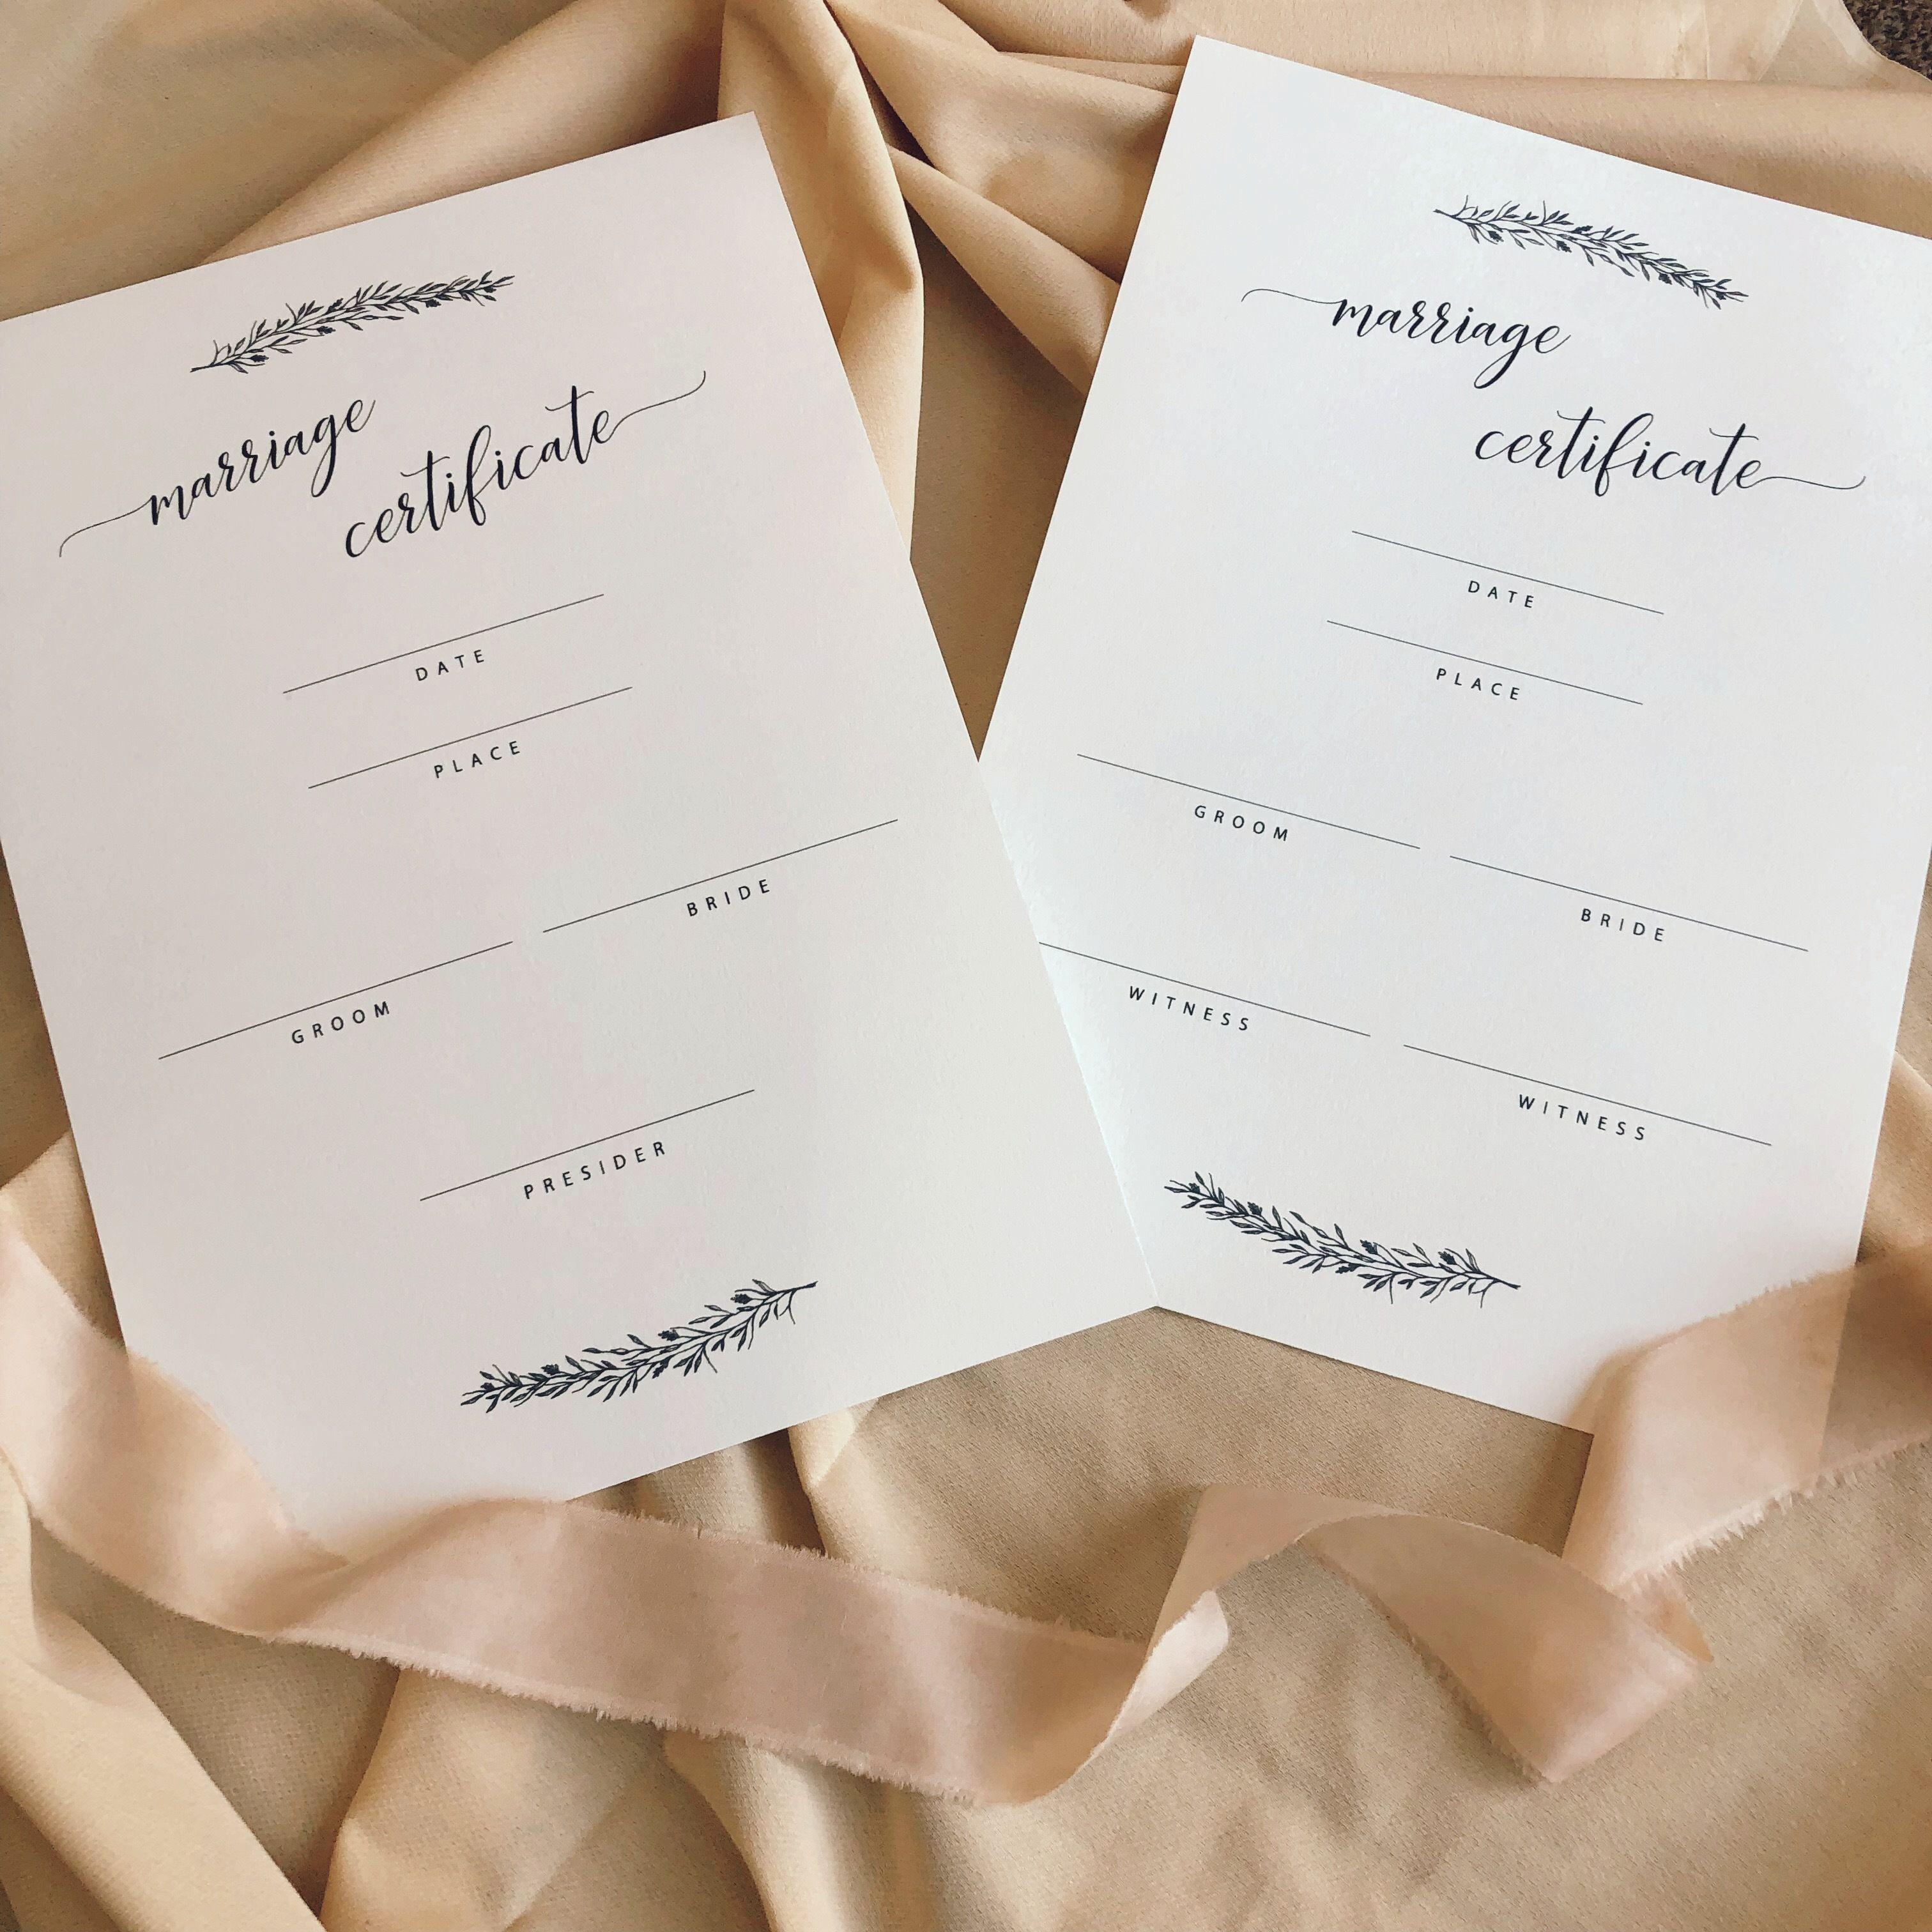 結婚証明書#8